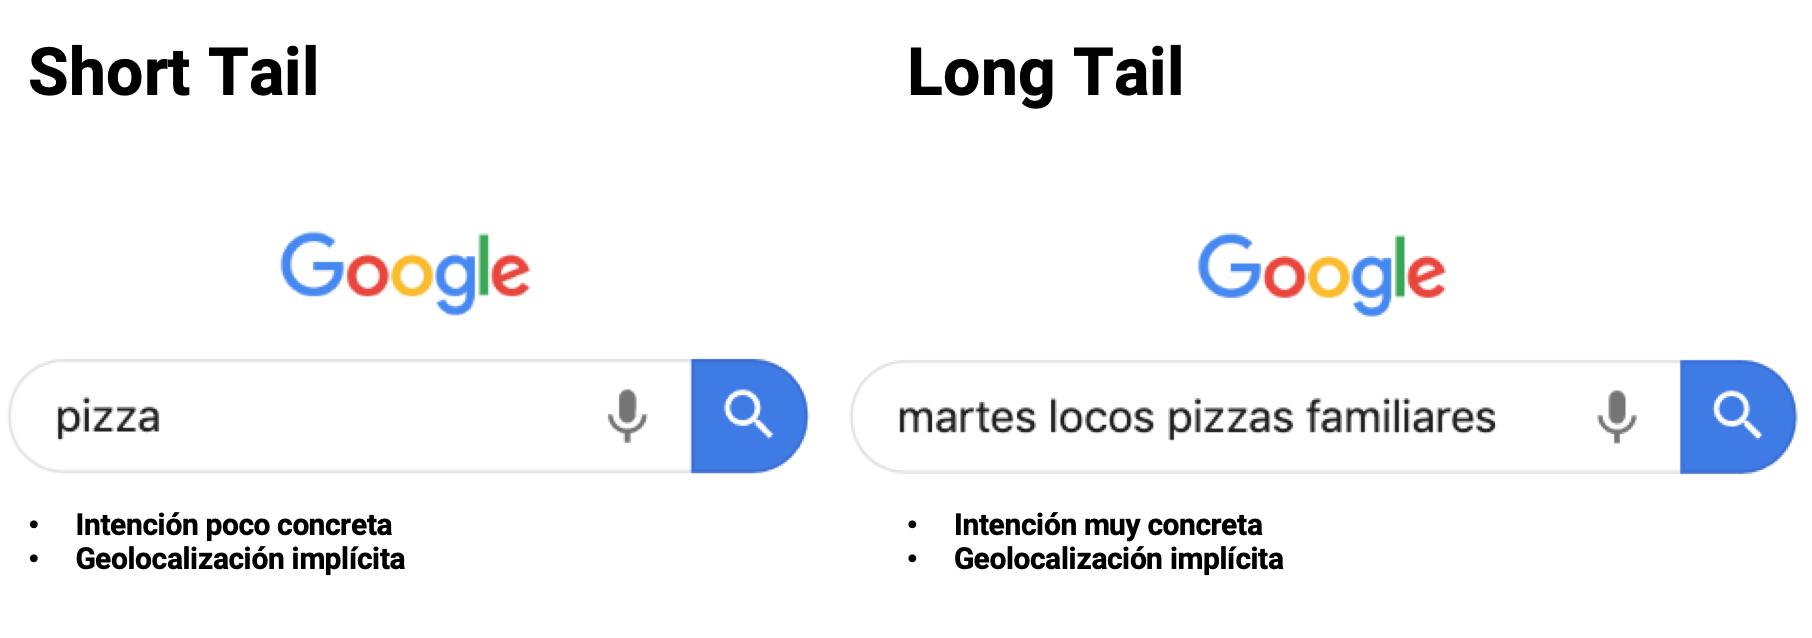 Diferencias entre short y long tail